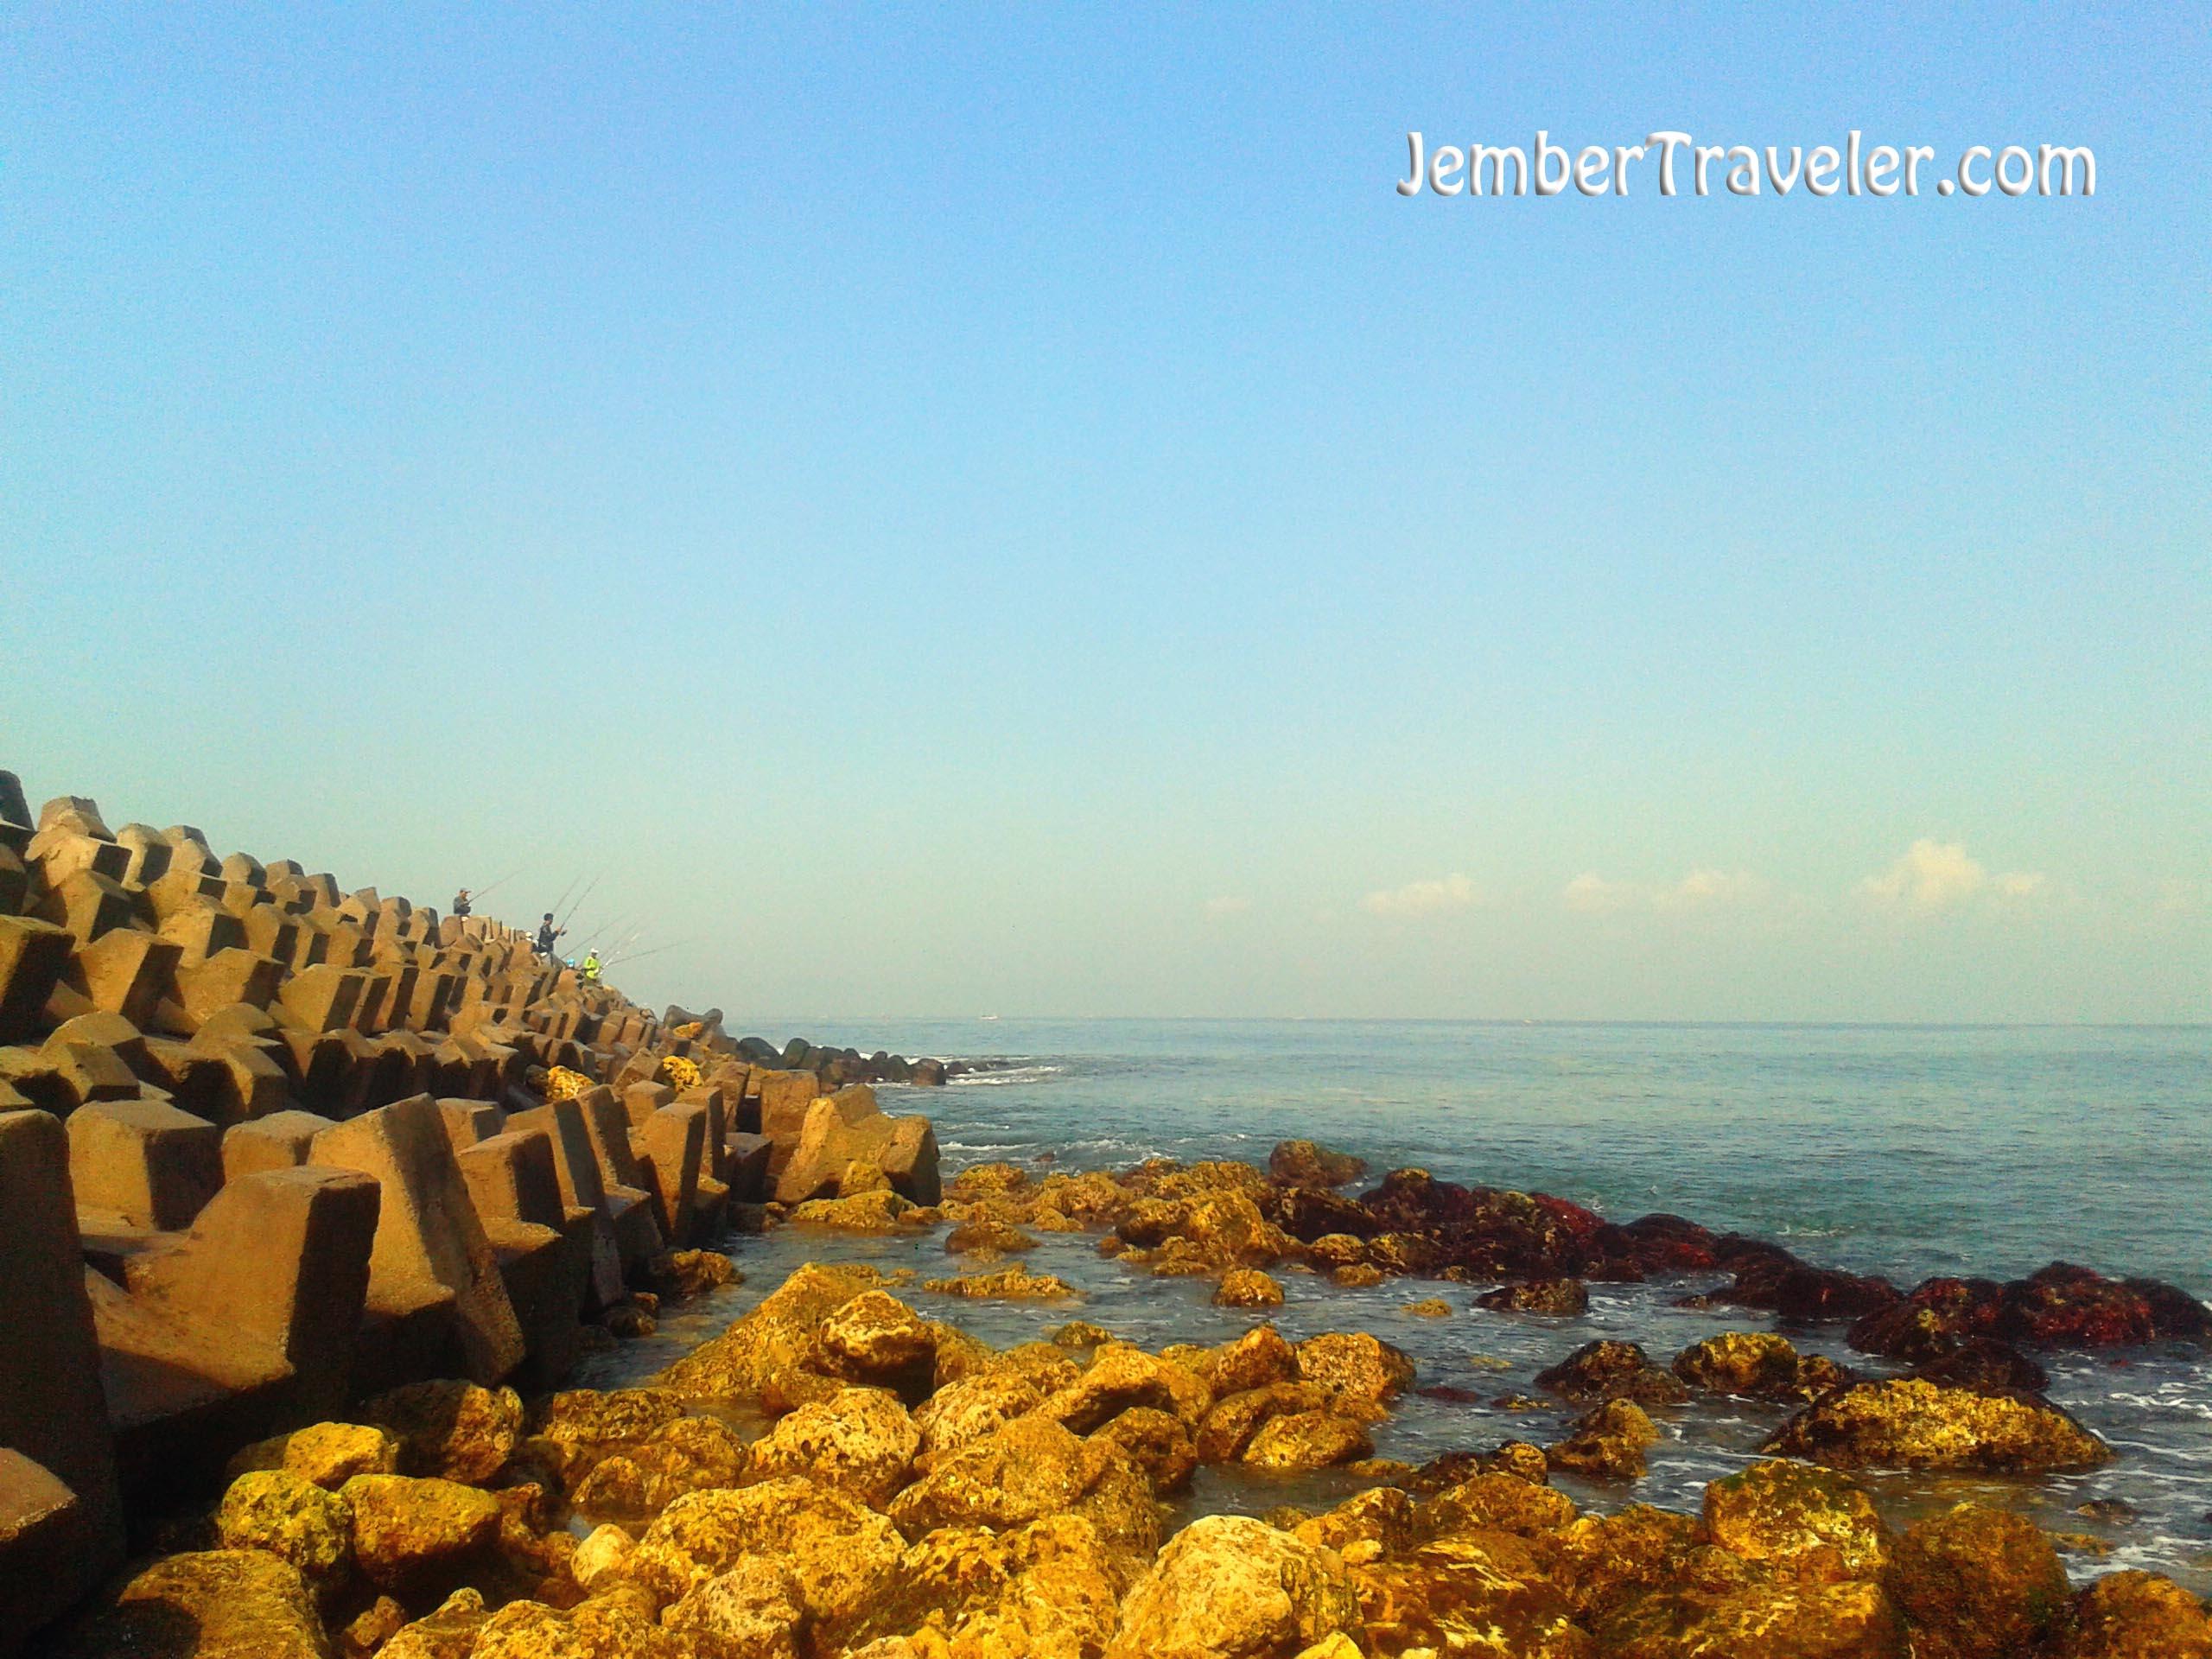 Pantai Pancer Jember Wisata Pemecah Ombak Traveler Karang Beton Puger